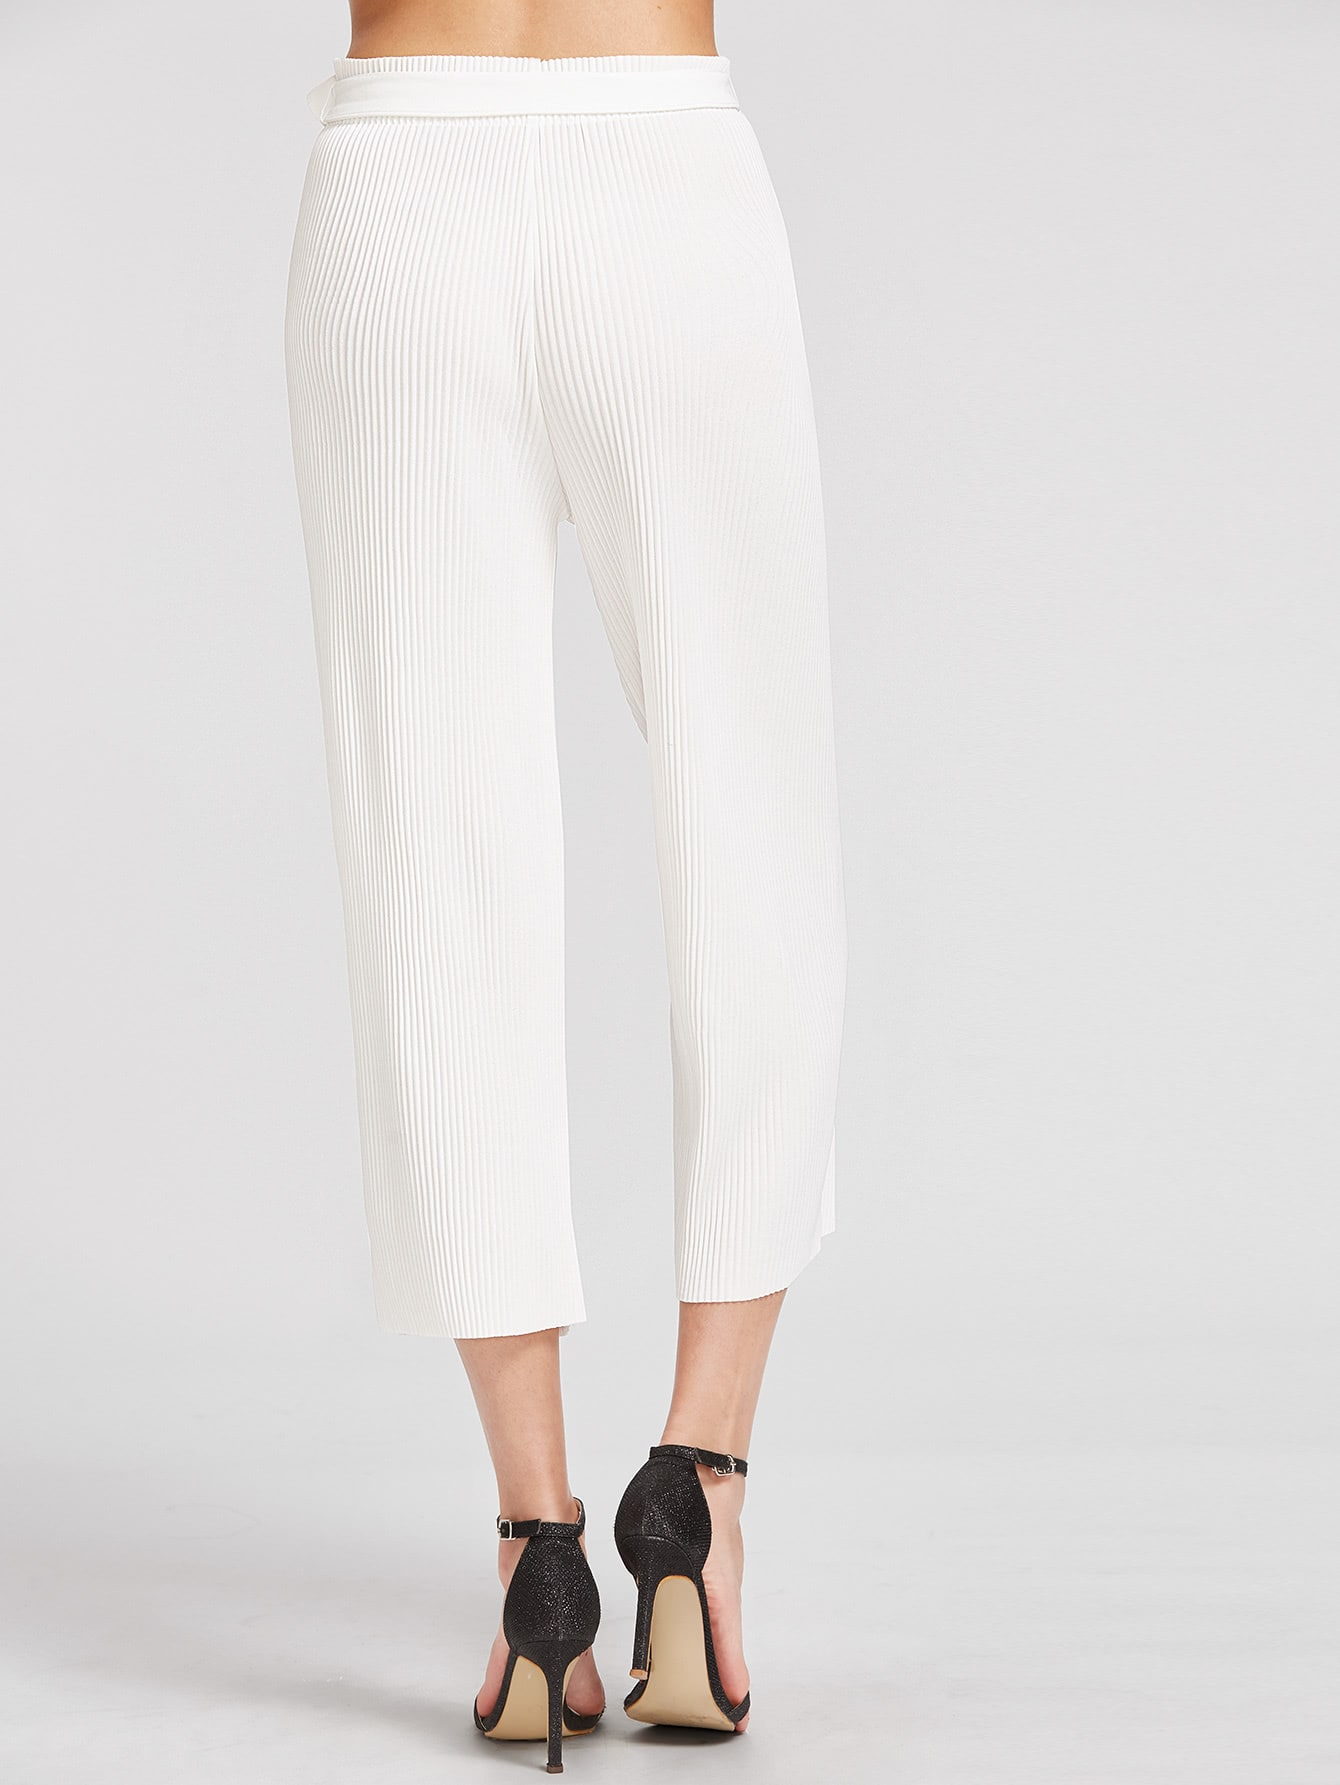 pants170308001_2